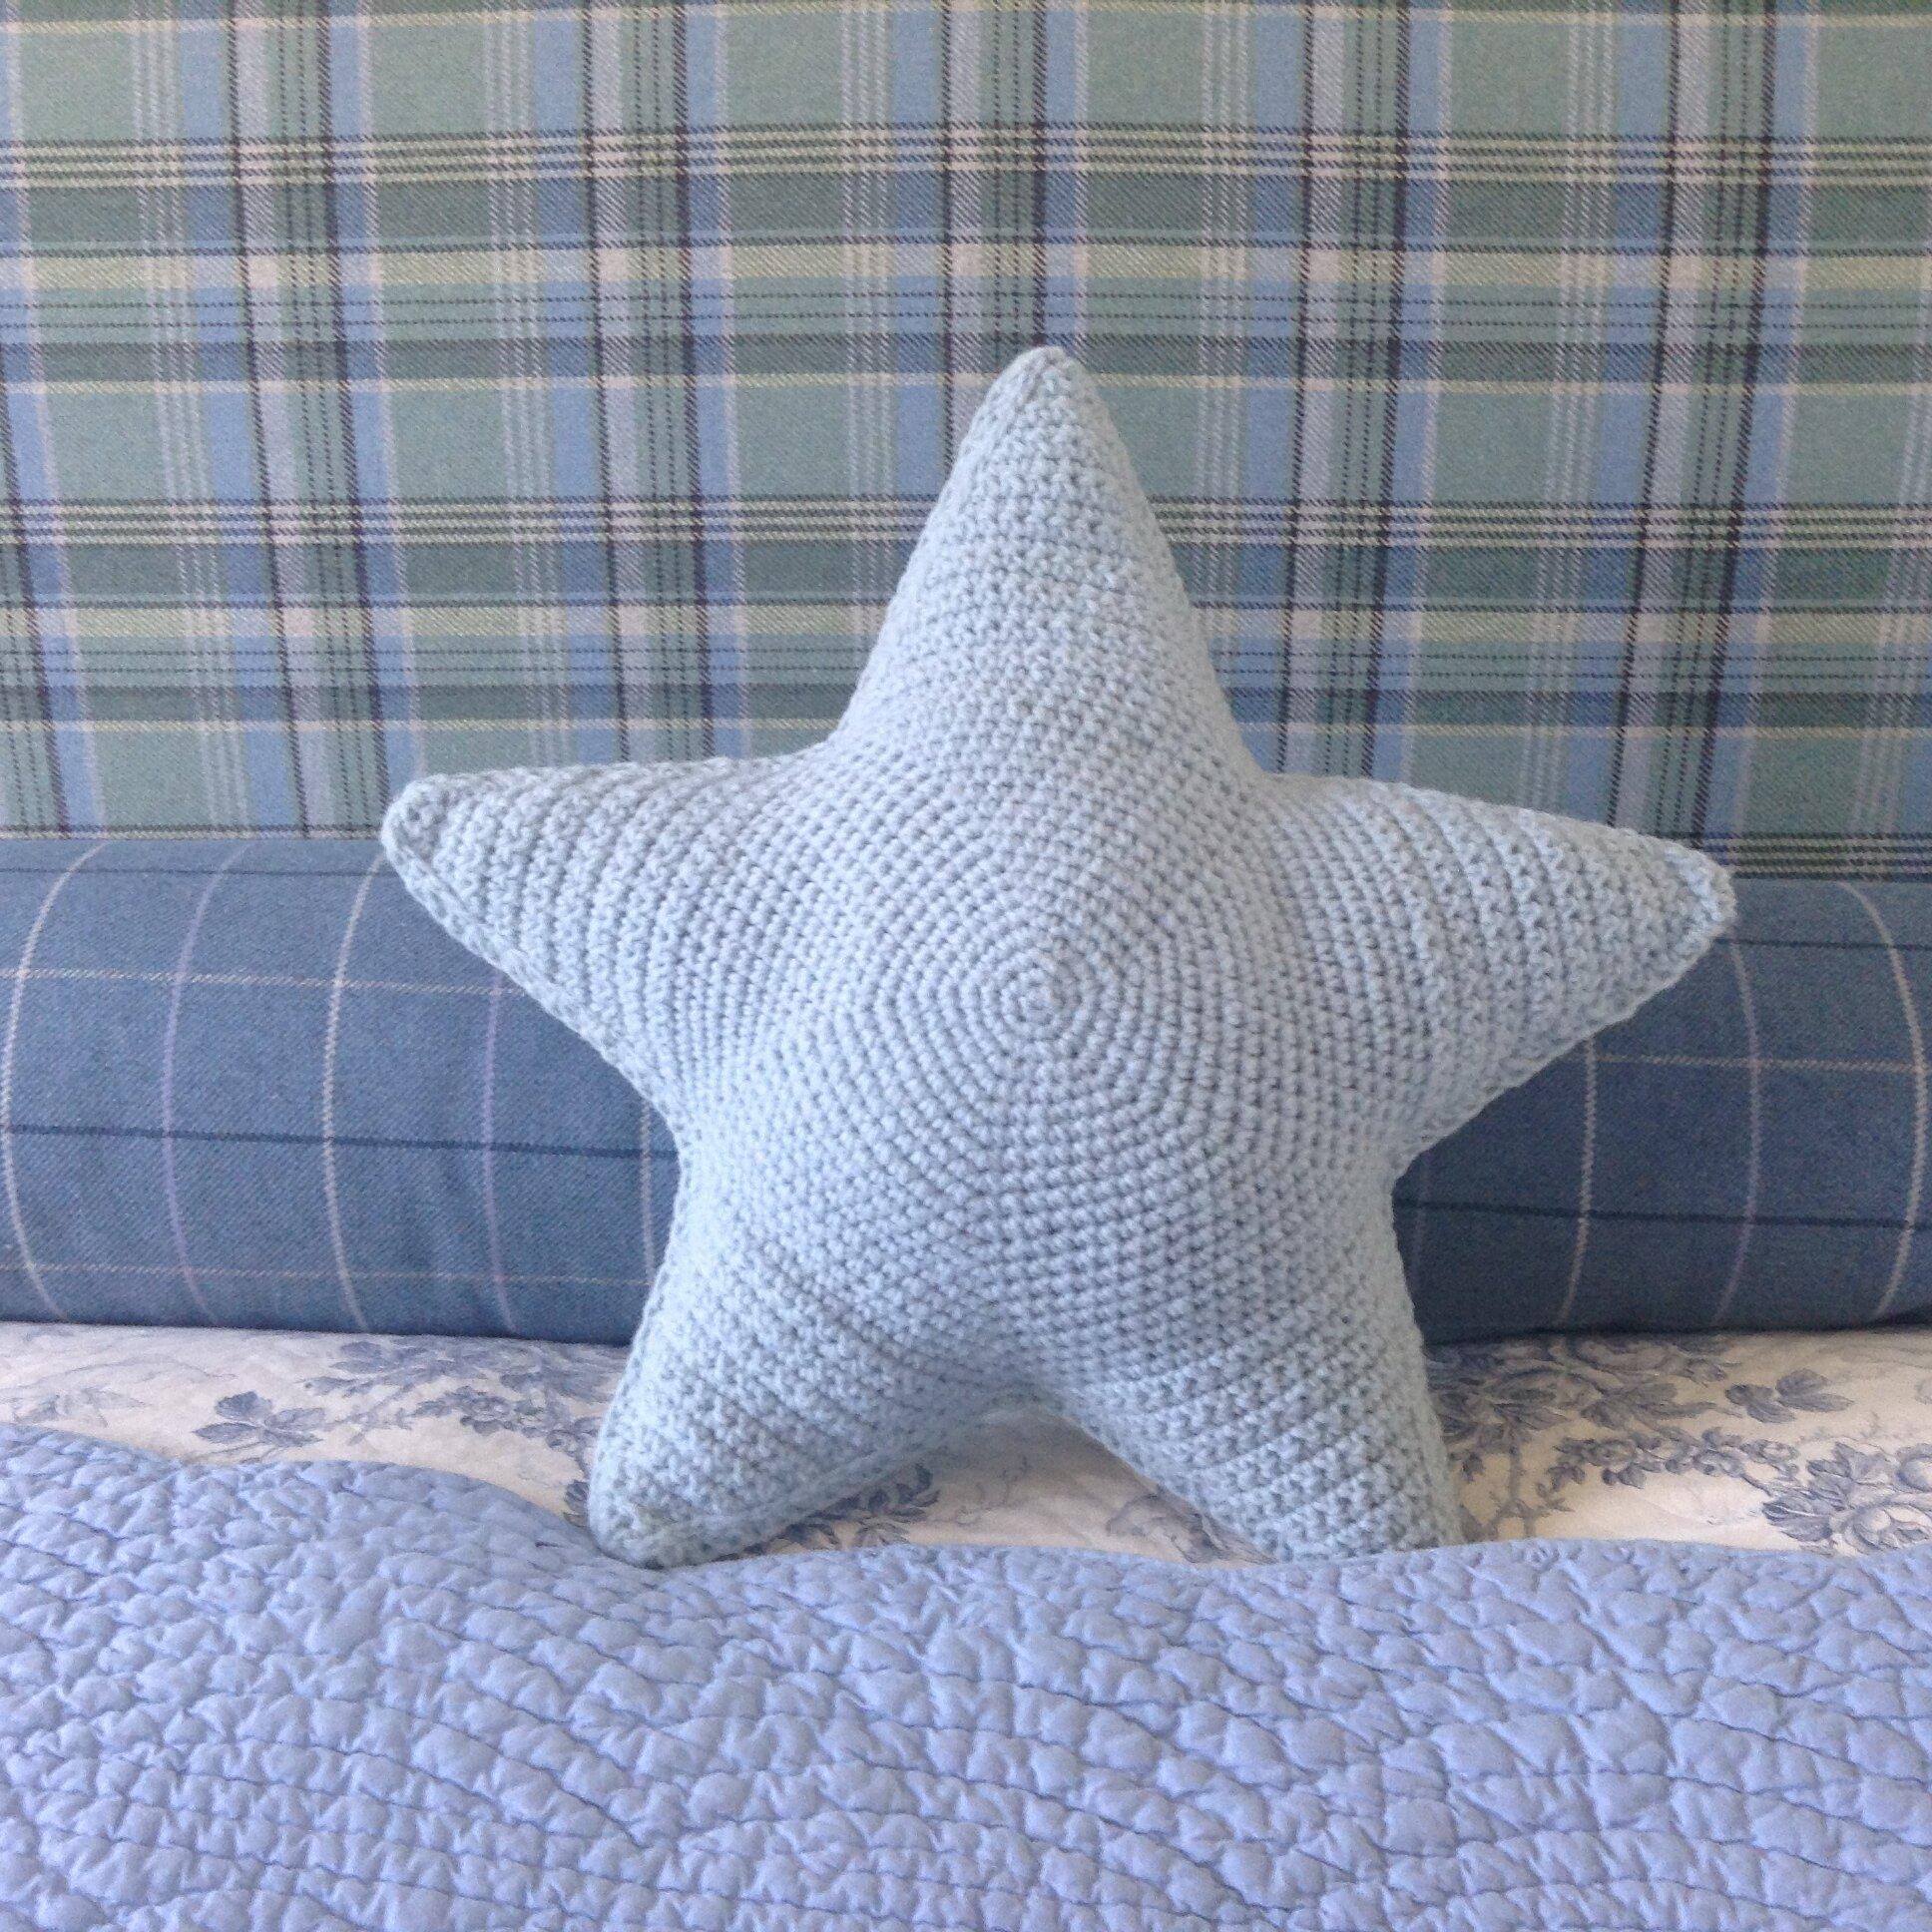 Une étoile Crochetée Bleue Rosefeedesbelleschoses